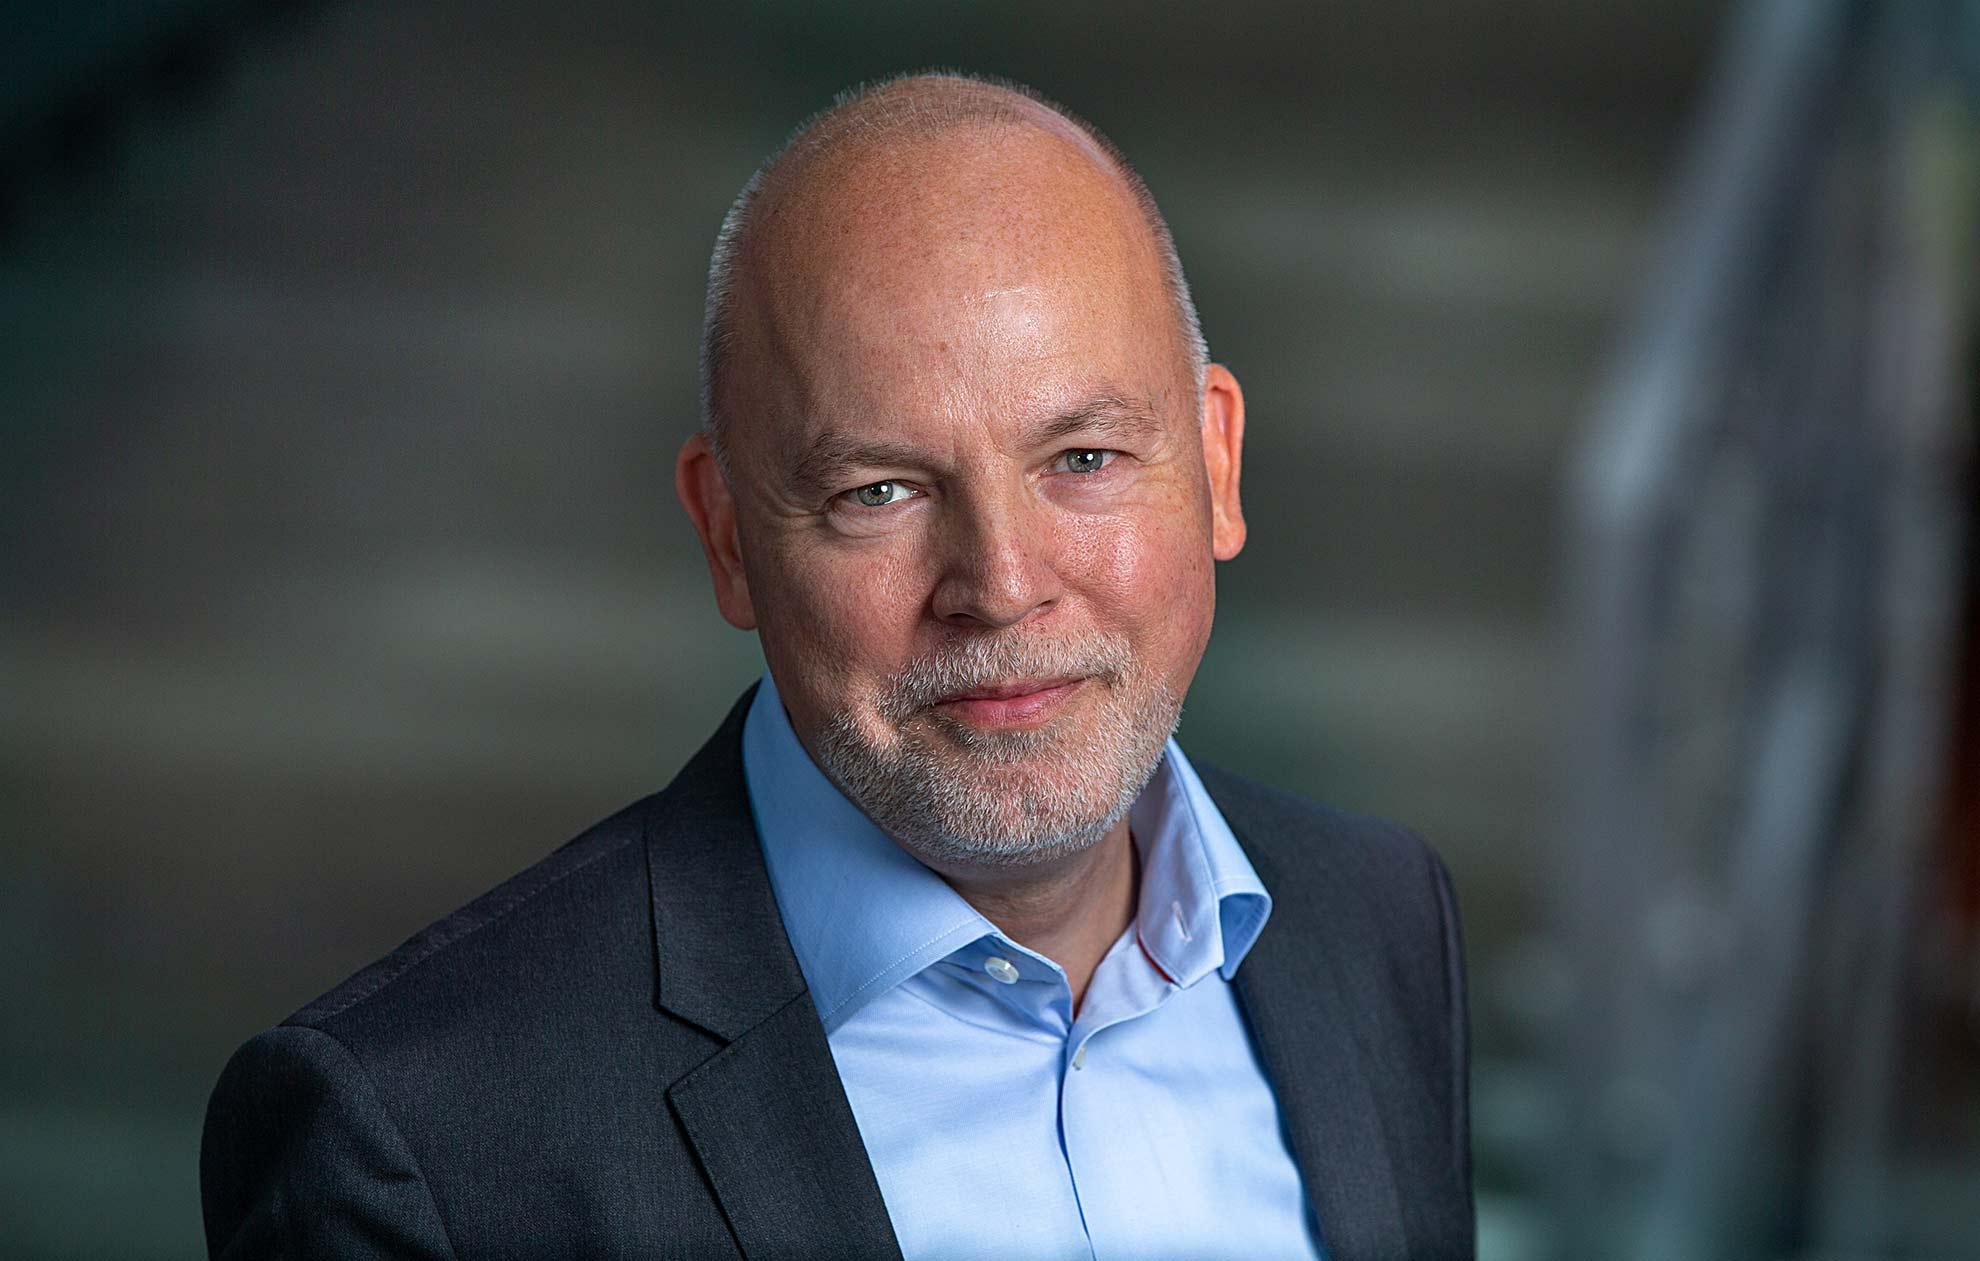 Portrætfoto af Troels Keldermann fotograferet af fotograf Søren Weile i København